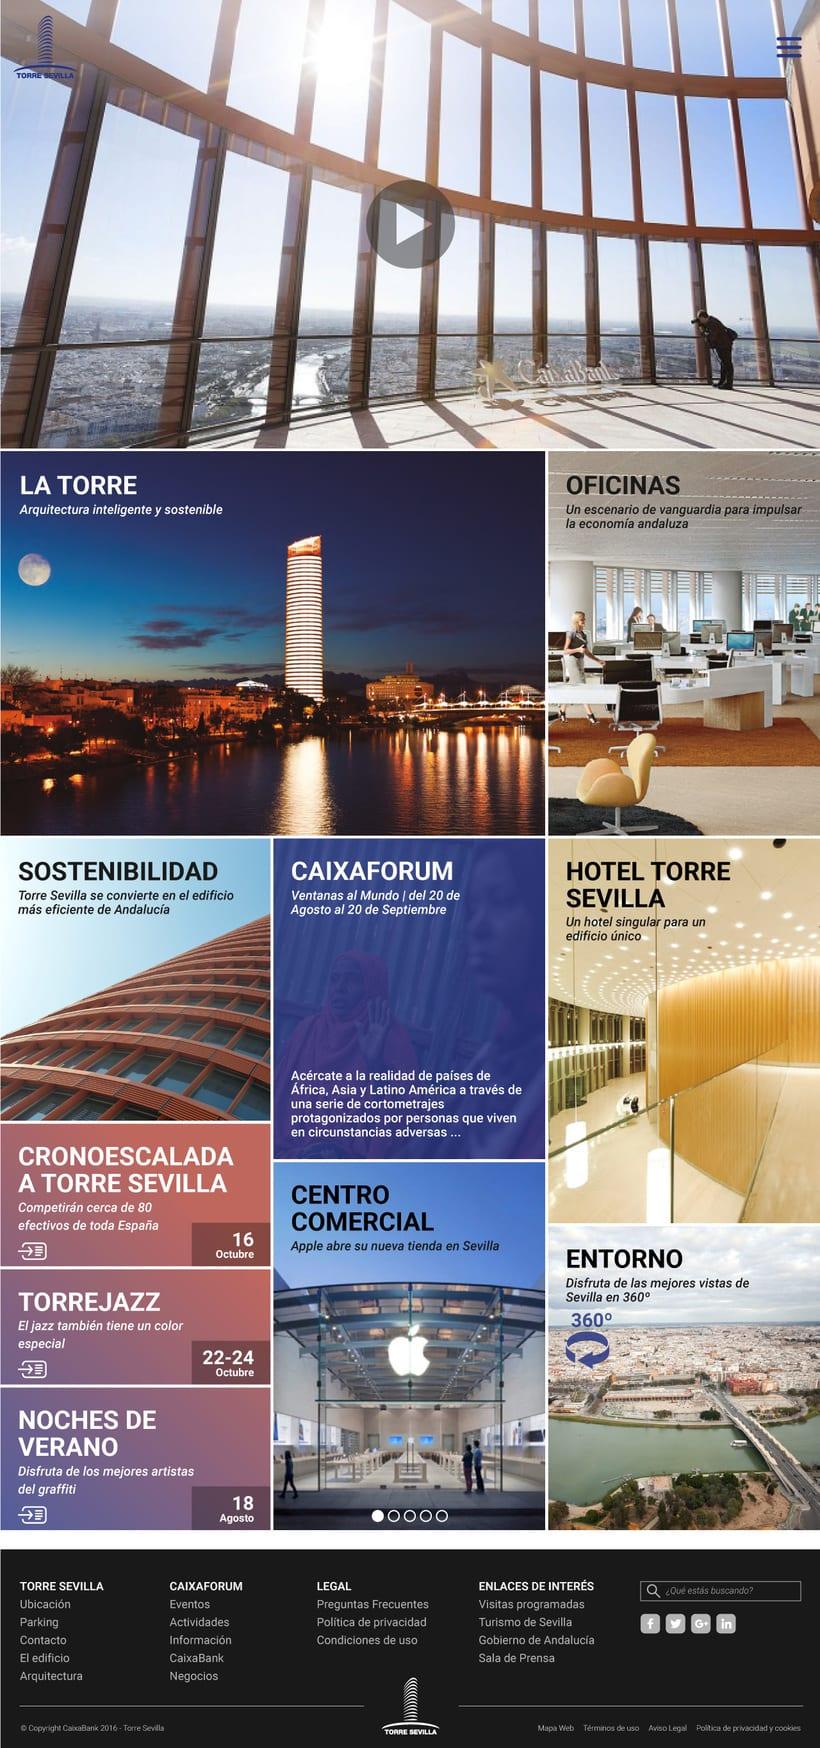 Proyecto presentado a Caixabank para el site de Torre Sevilla 2